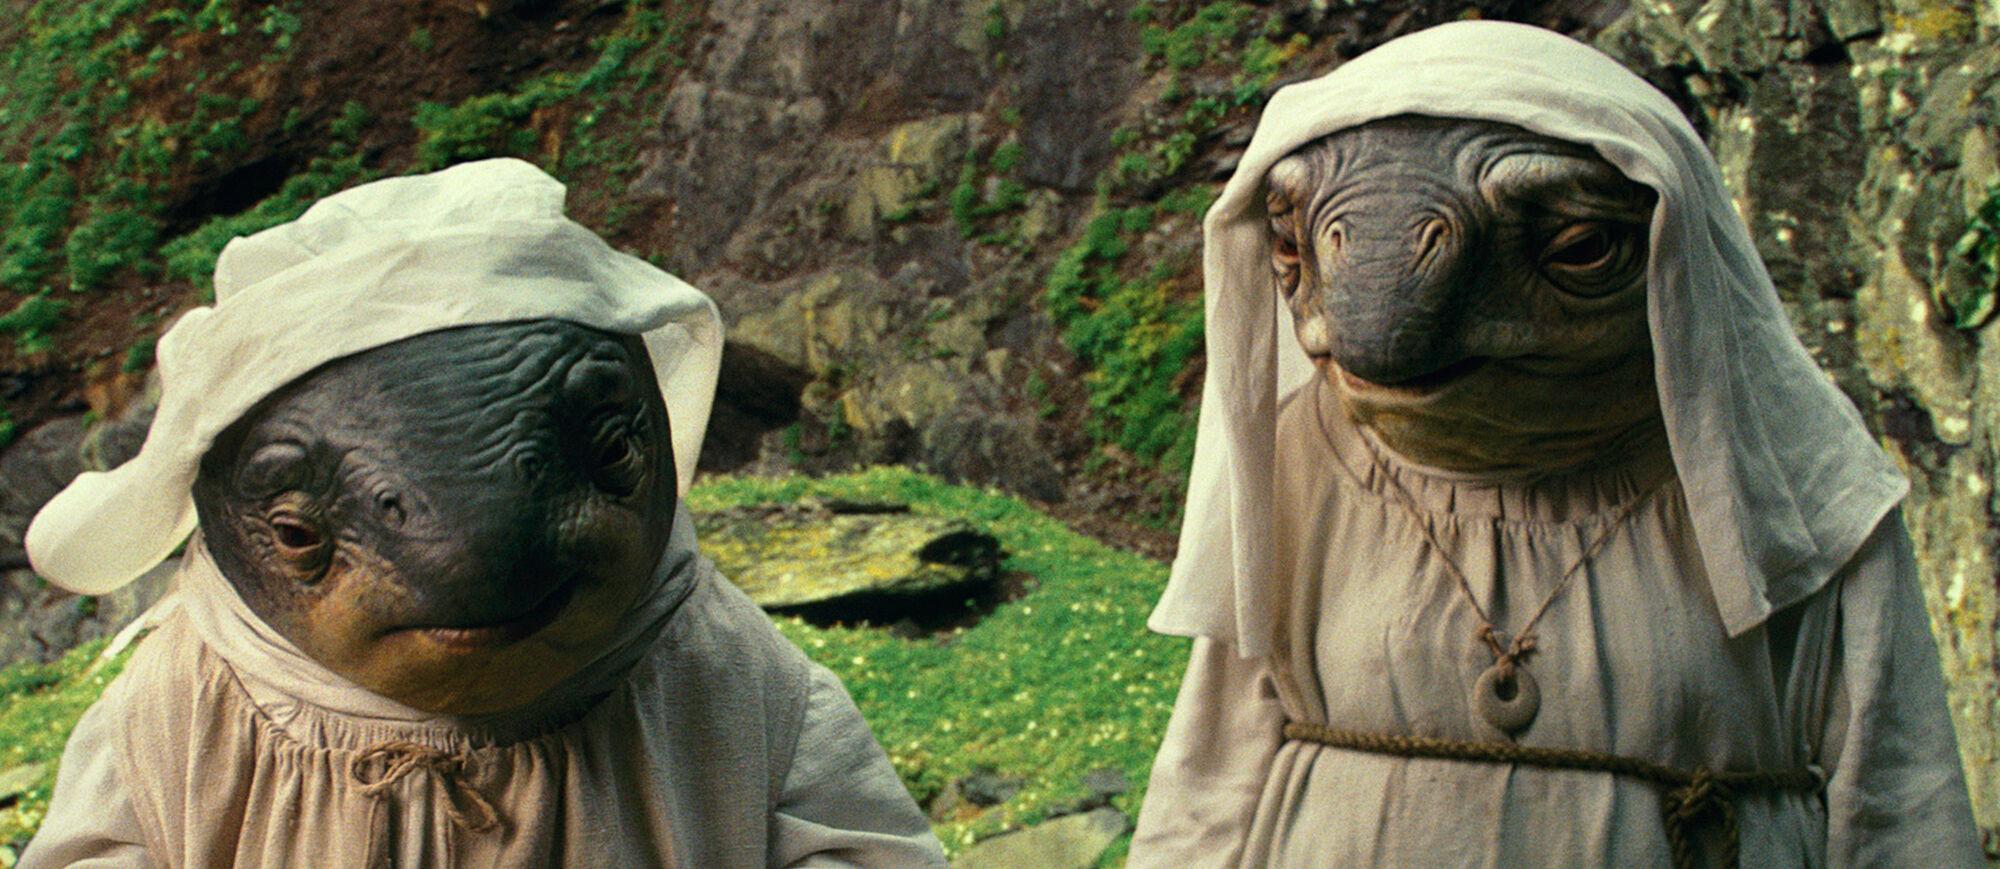 Cute beings in Star Wars: Caretakers